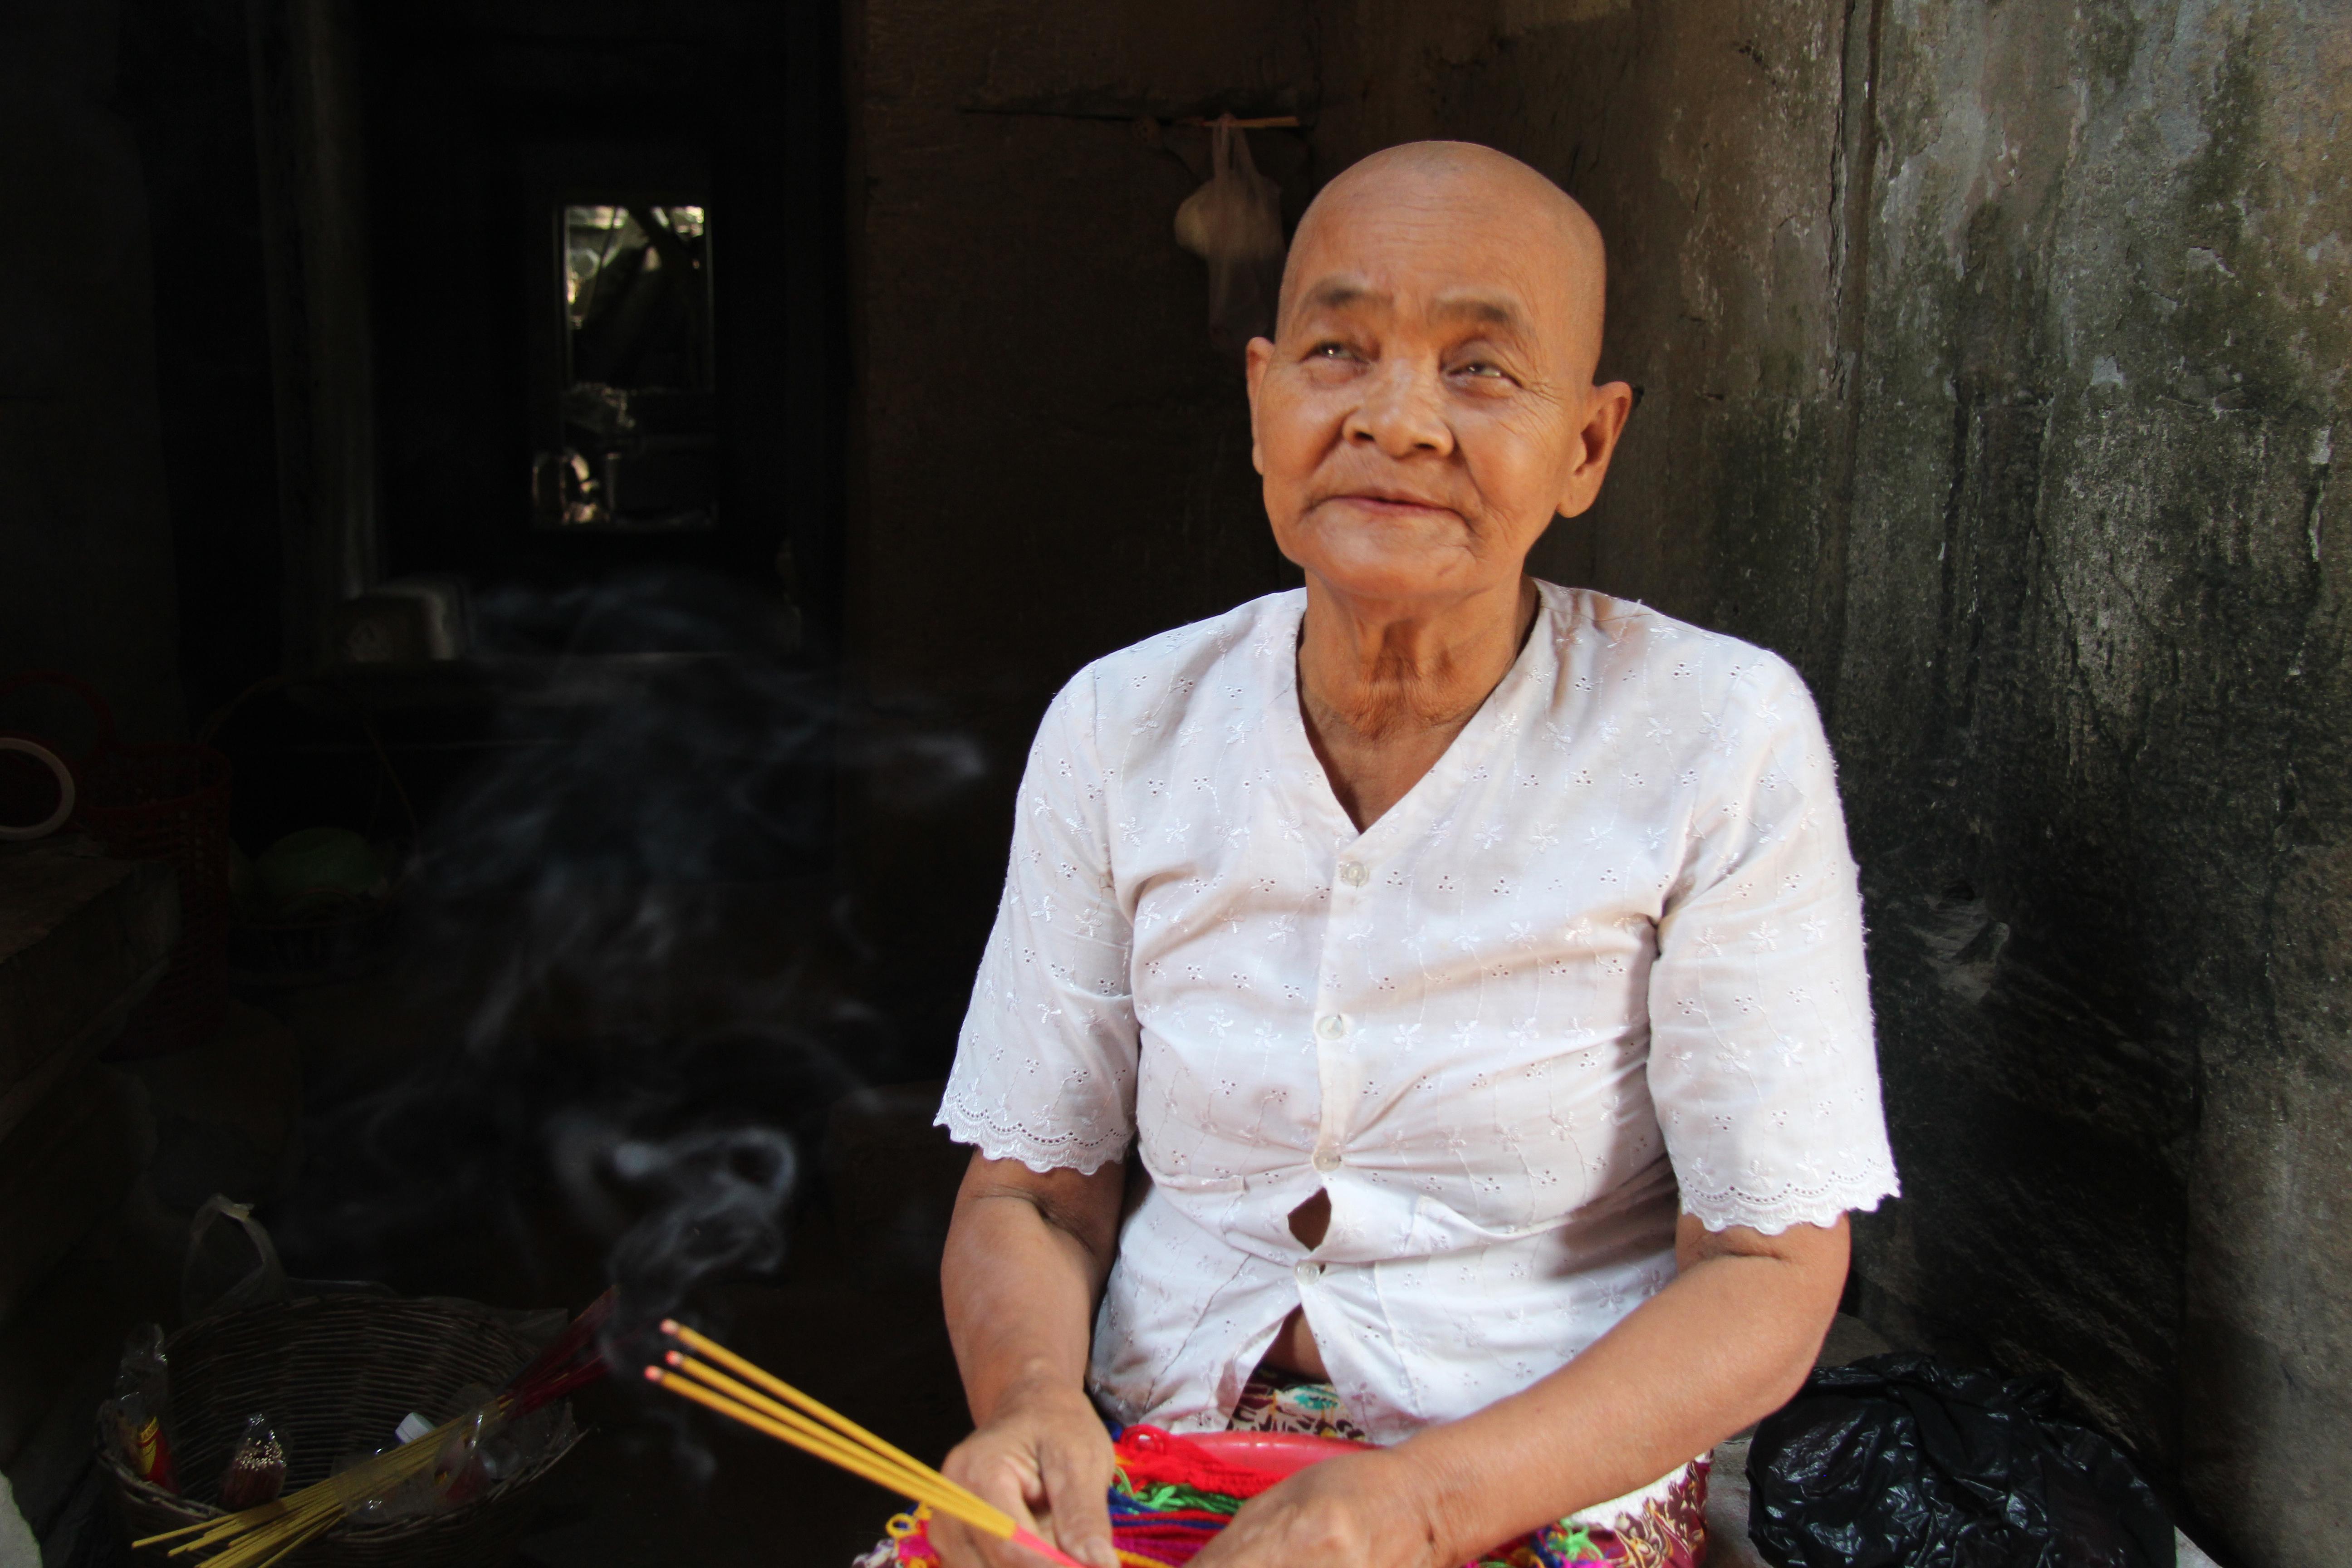 Non in Ankor Wat